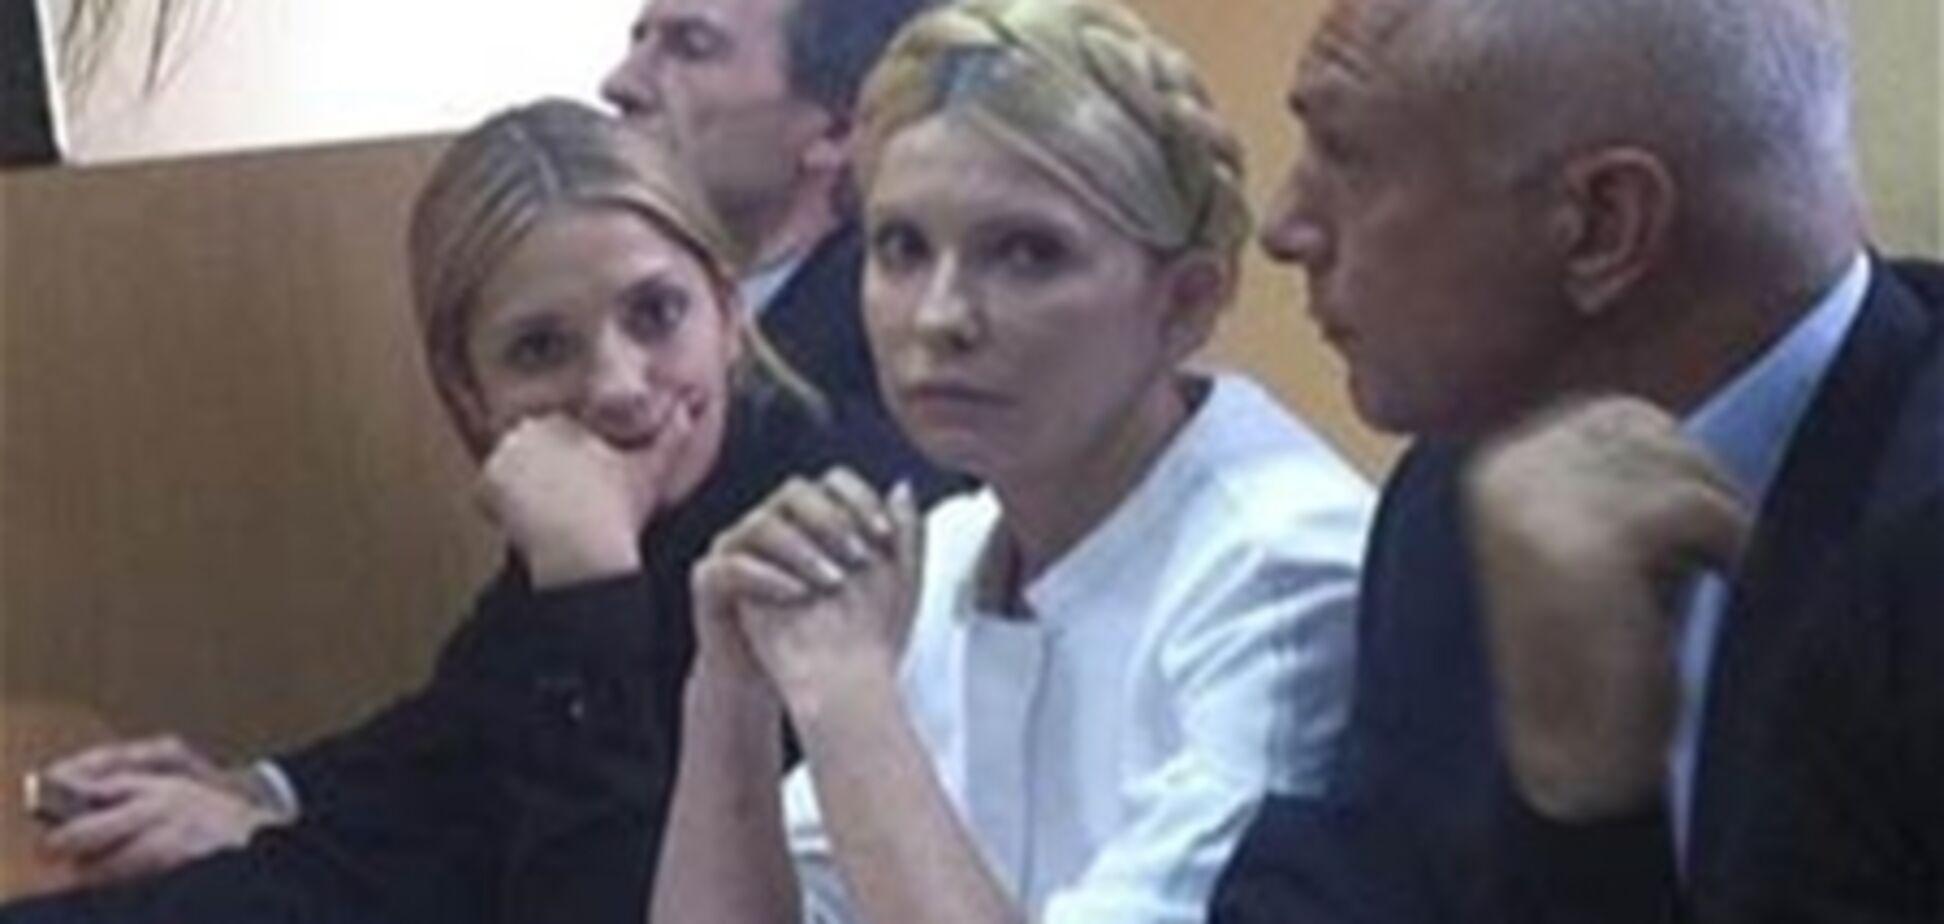 Сім'я Тимошенко не виплачуватиме компенсацію за збитки 'Нафтогазу'